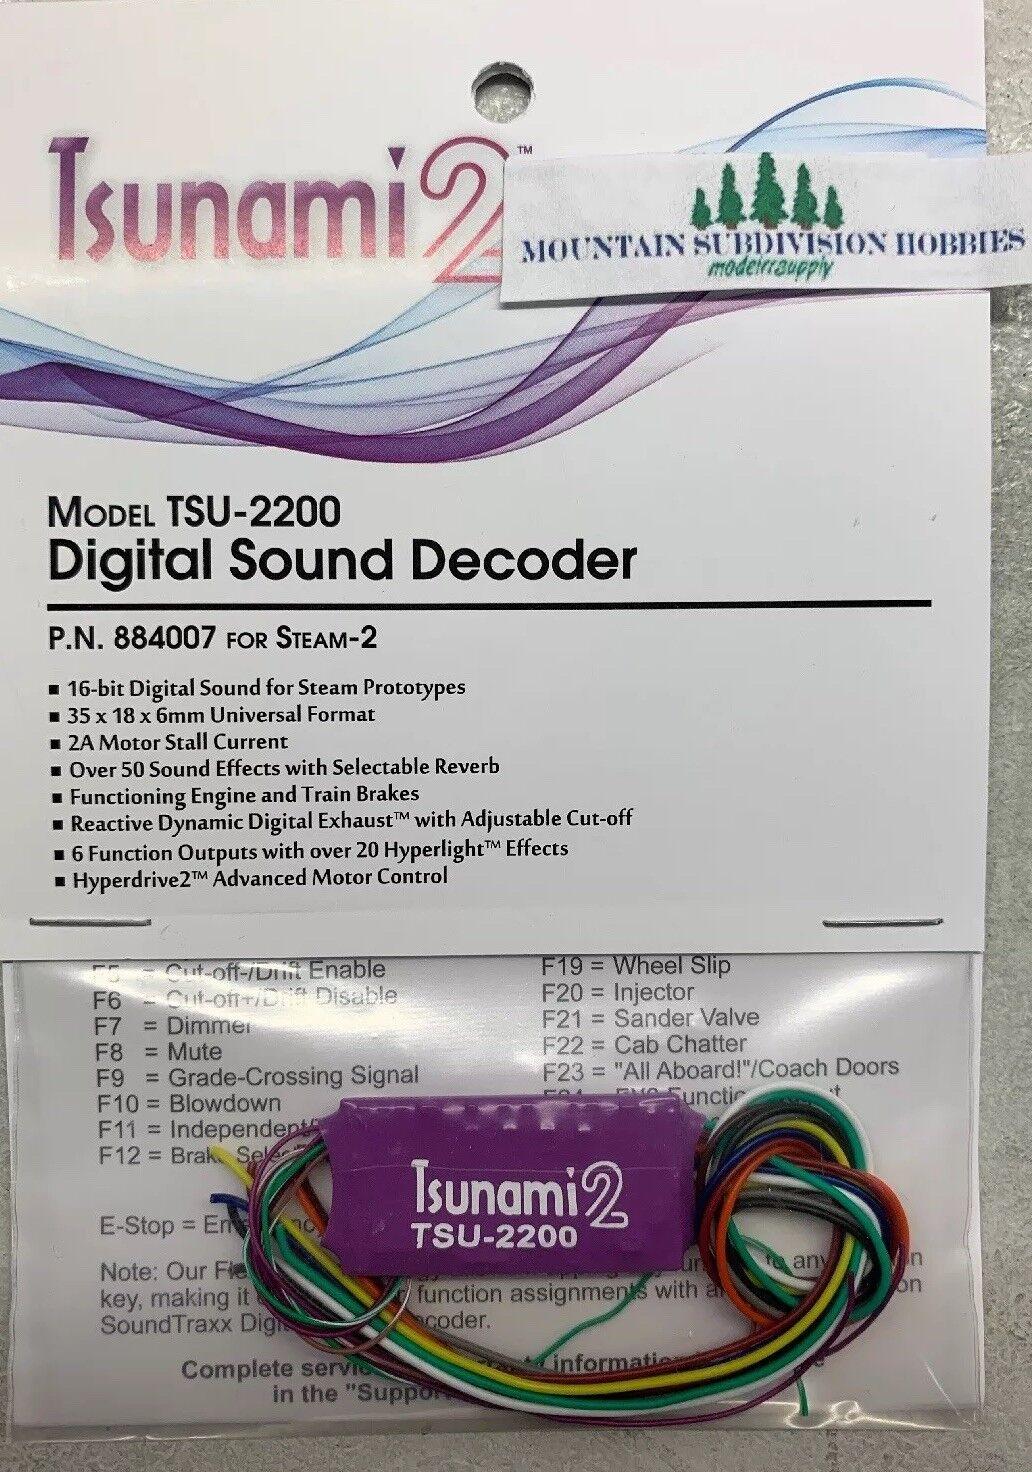 Soundtraxx Tsunami de vapor TSU-2200 884007 2 - 2 sonido decodificador modelrrsupply Loco